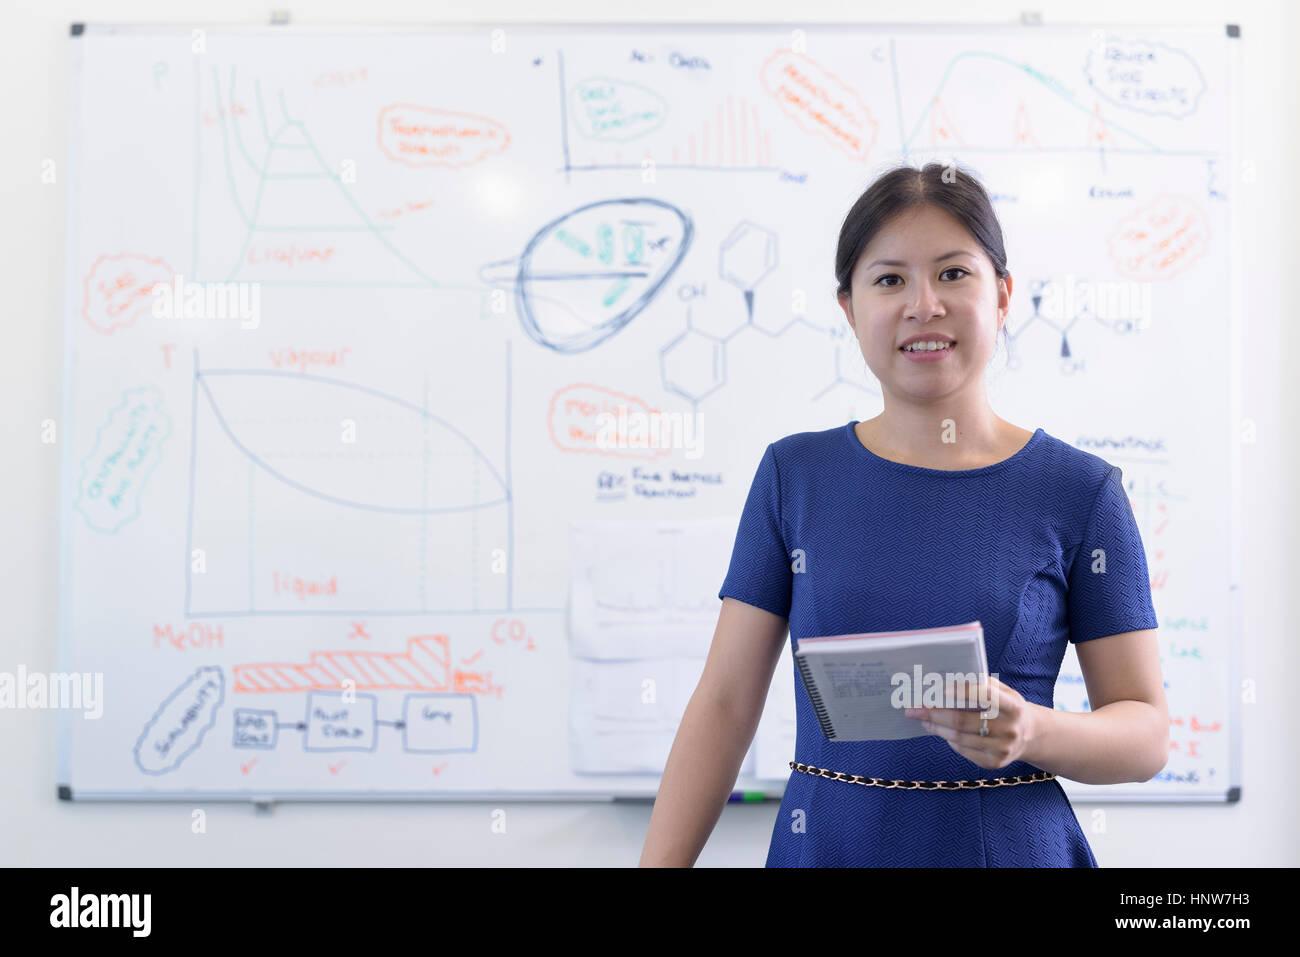 Porträt von weiblichen Lehrling Forscher im Kristall engineering Research laboratory Stockbild